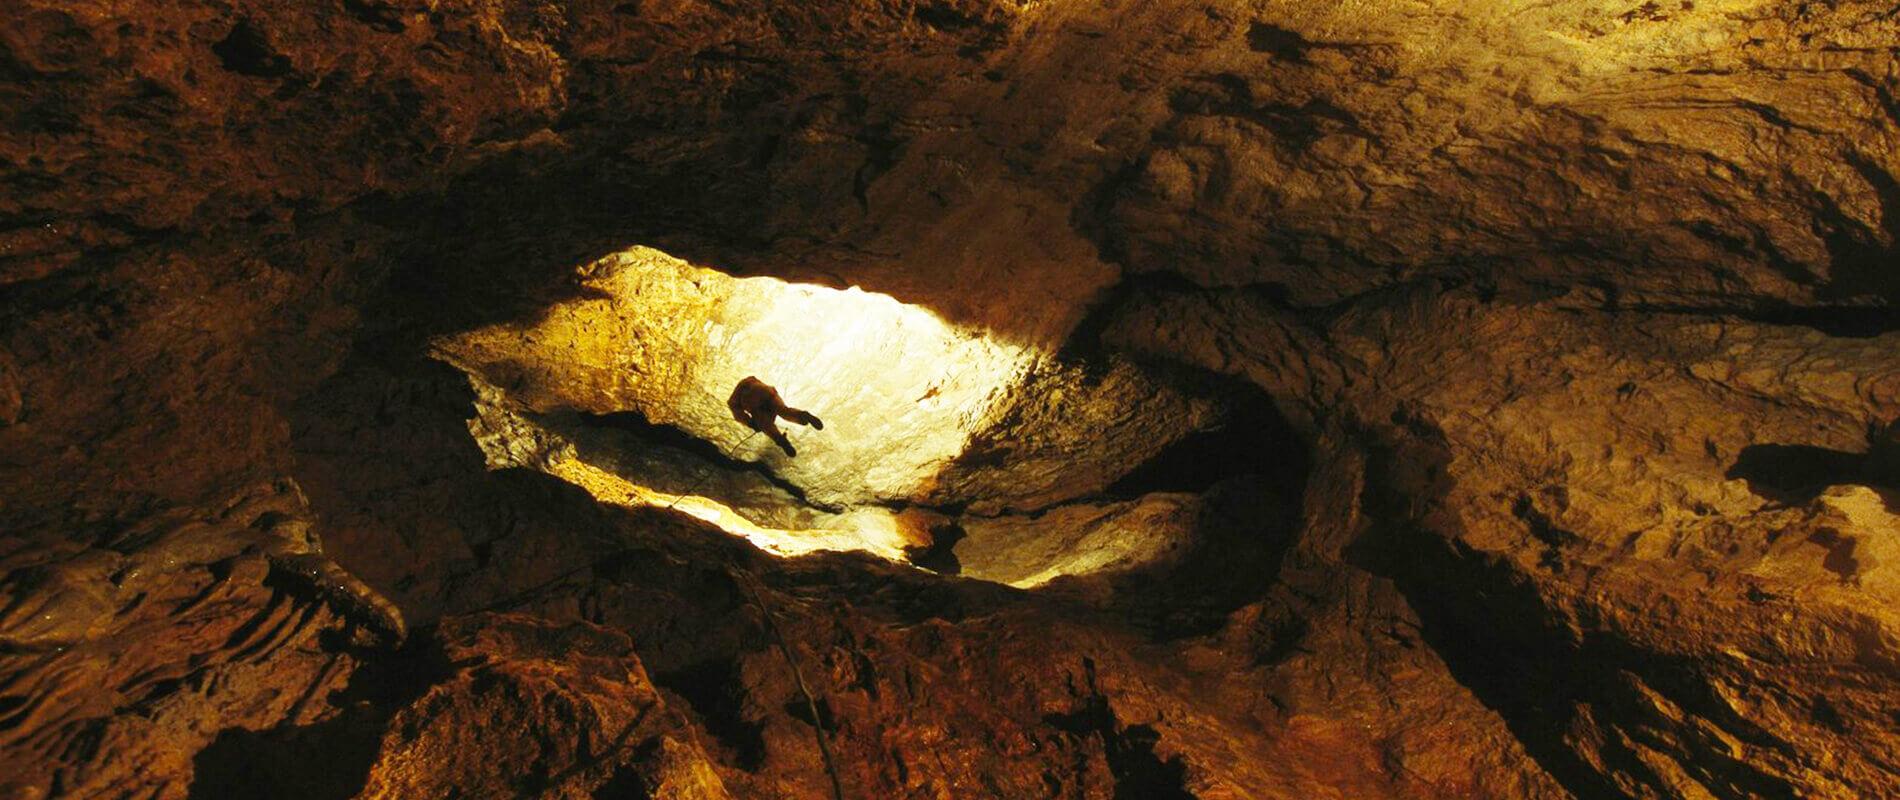 Grotta Krubera, l'abisso più profondo del mondo